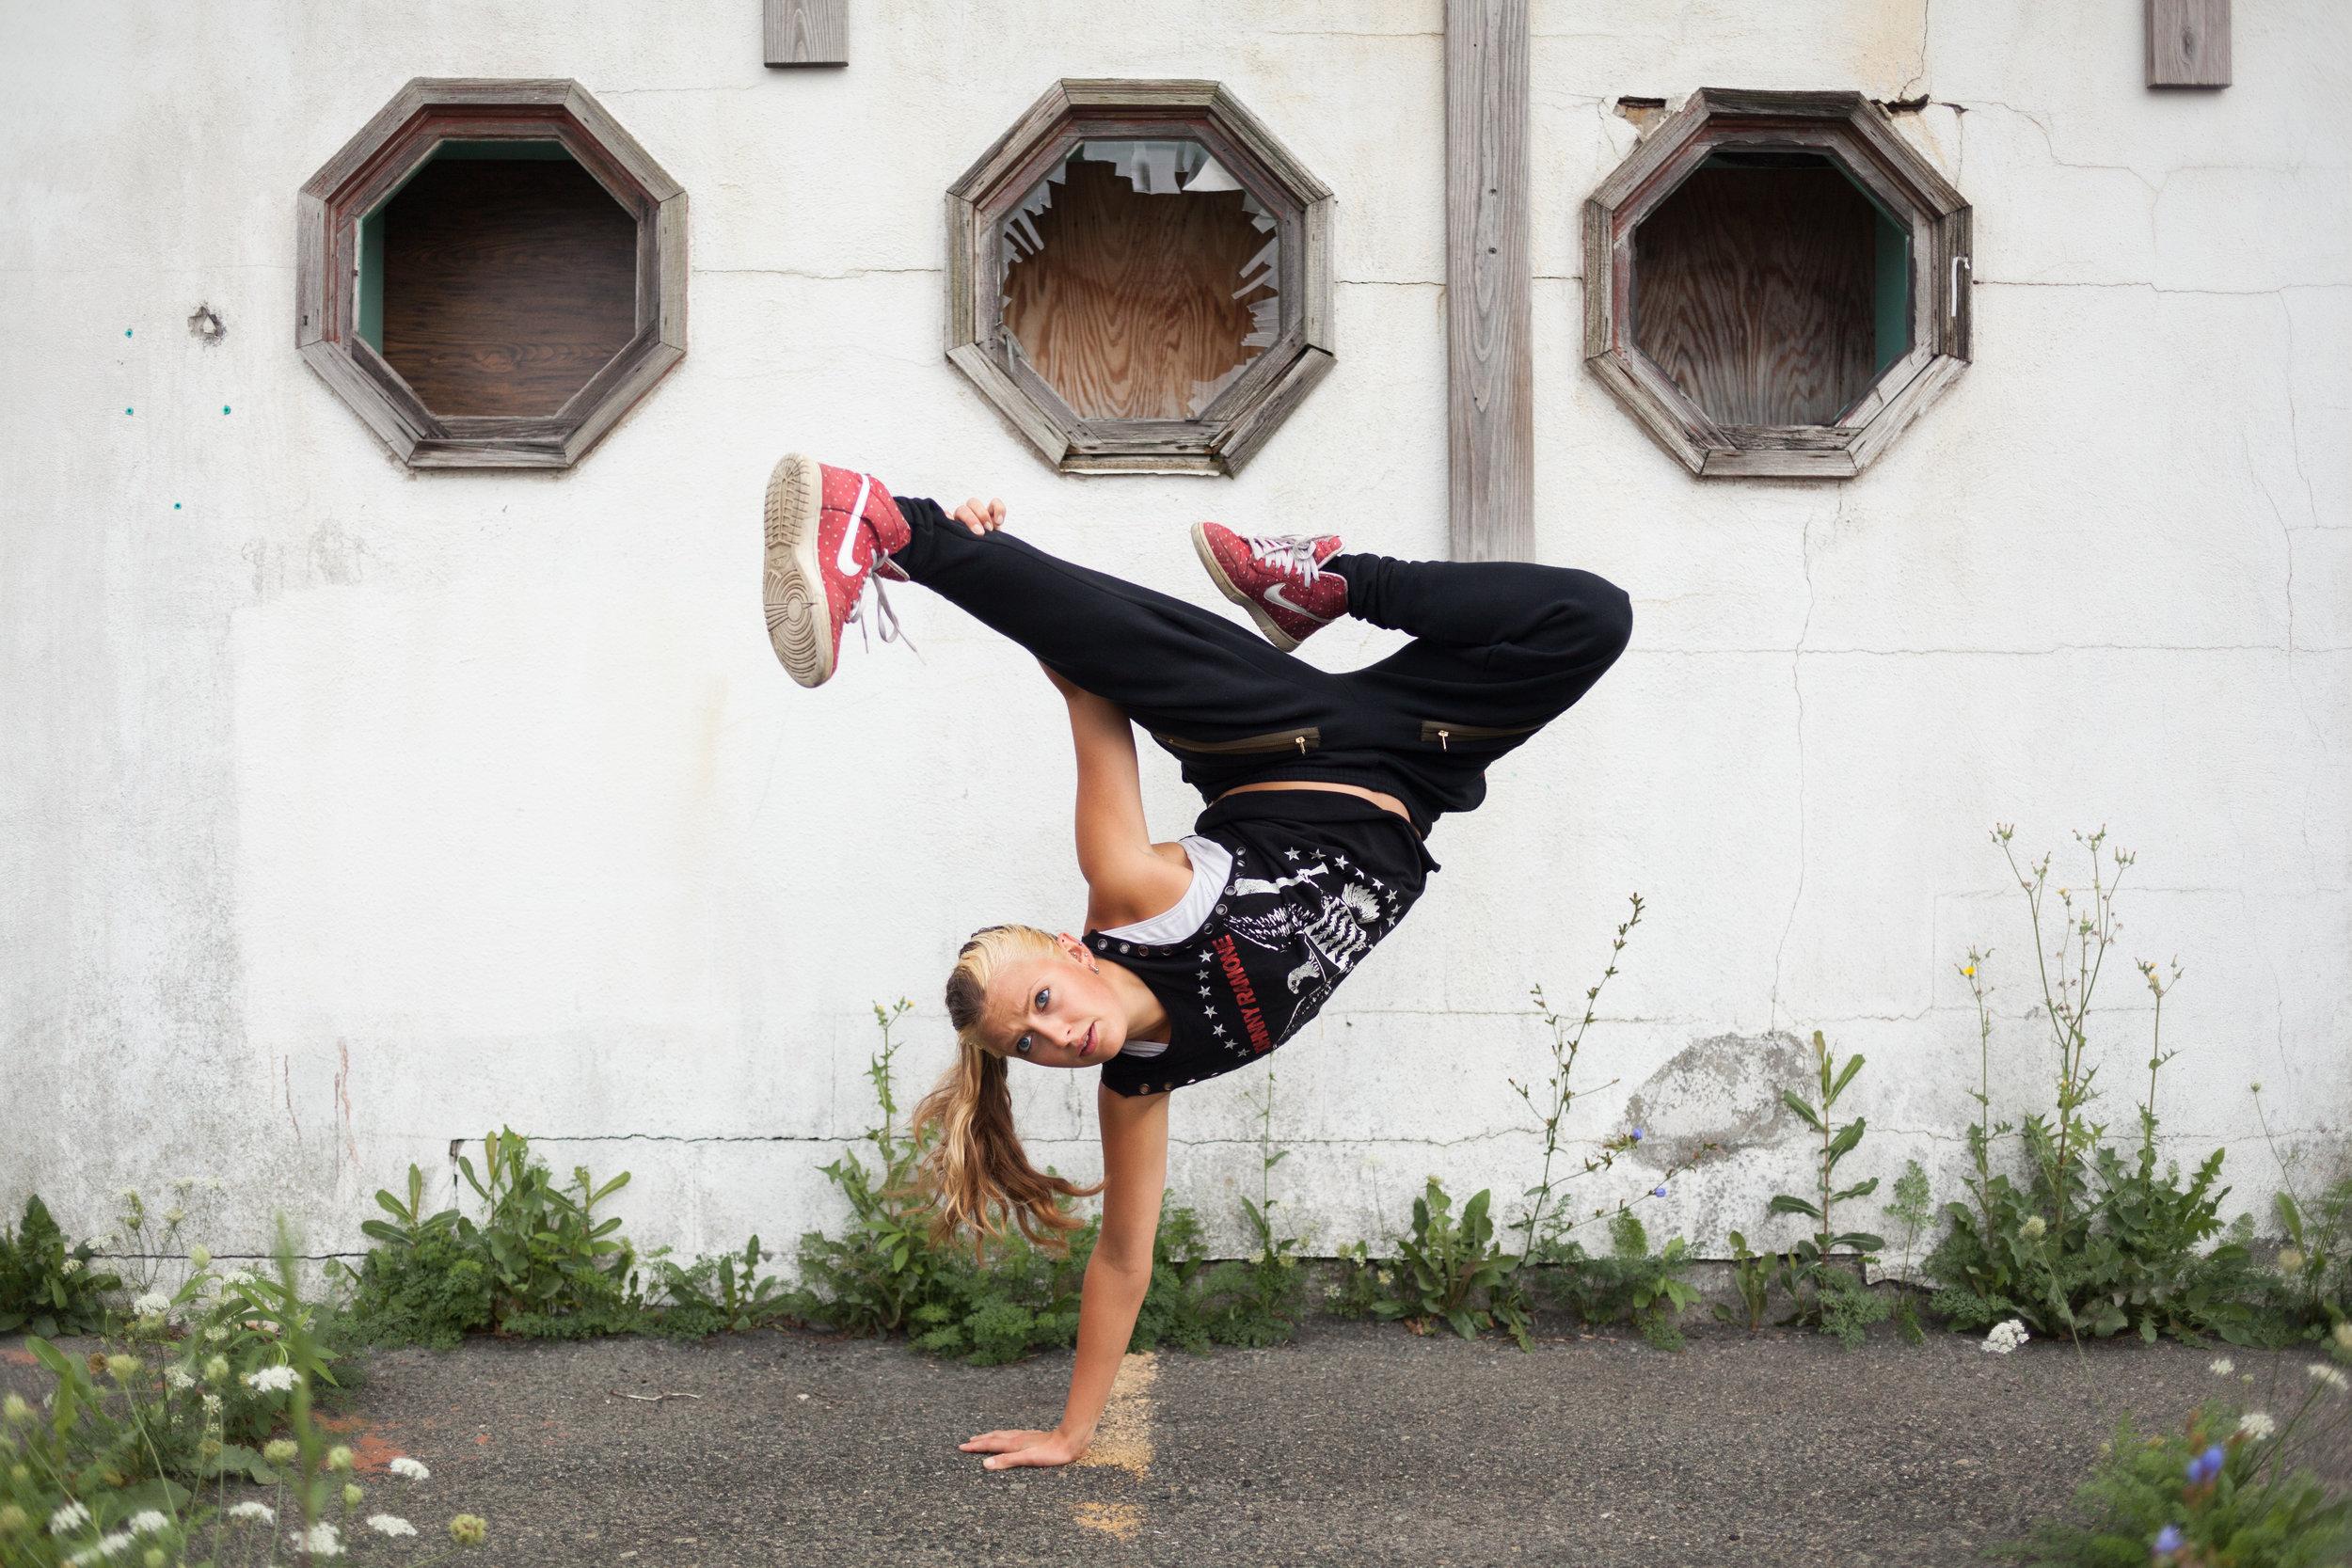 Kassie_Dance_Revere-12.jpg